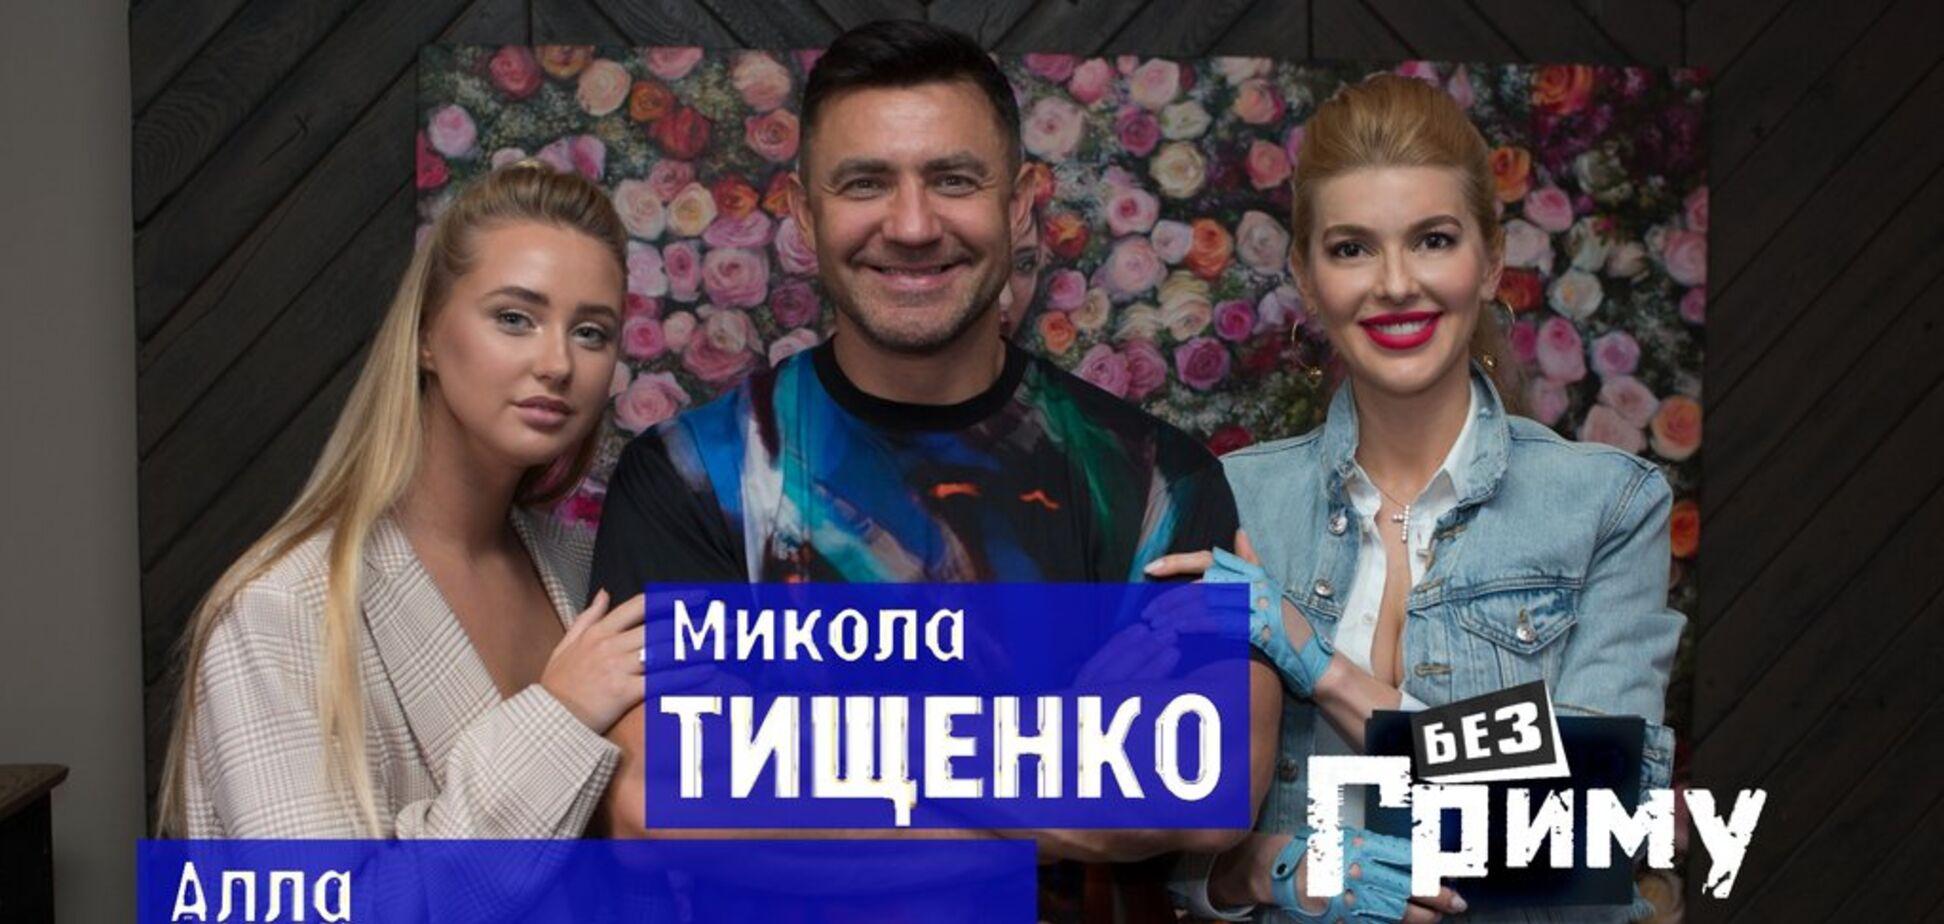 'Не нужно держать в себе, если что-то не нравится, нужно всегда говорить', - Николай Тищенко и Алла Барановская в блиц-шоу 'БЕЗ ГРИМА'